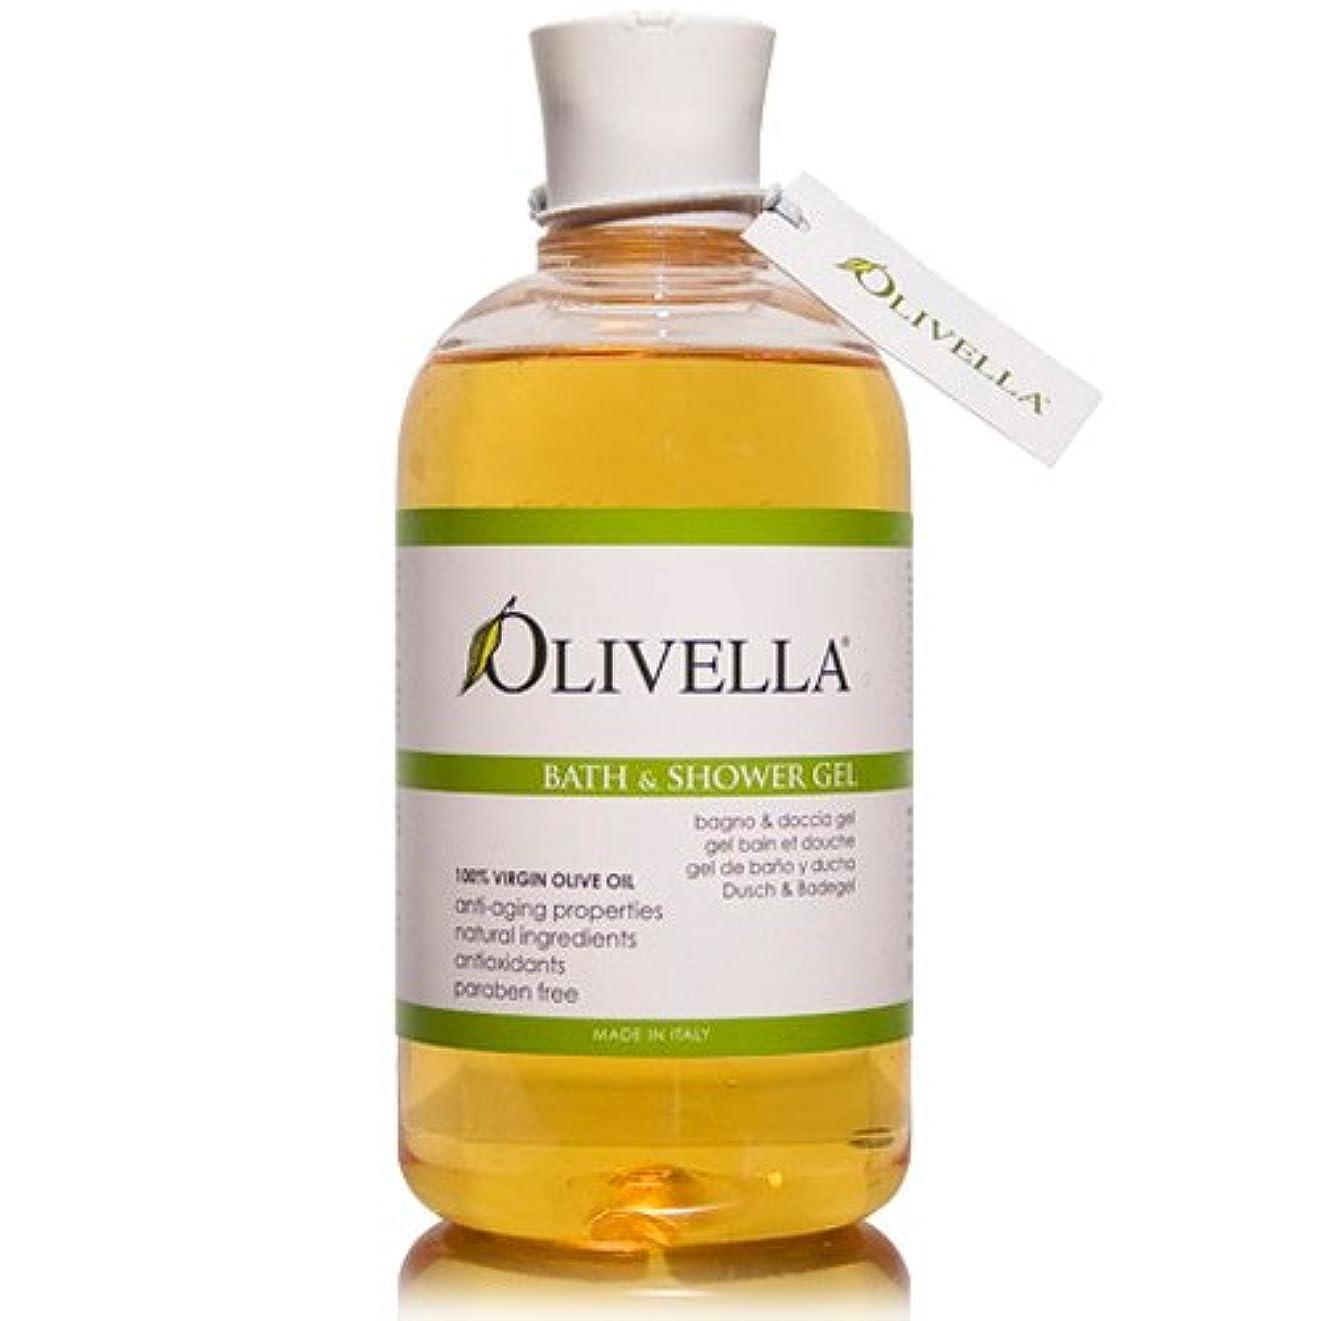 たまにアレルギー性古いOlivella Olive Oil Bath & Shower Gel Original/Classic 16.9 oz. / 500 ml (並行輸入品)